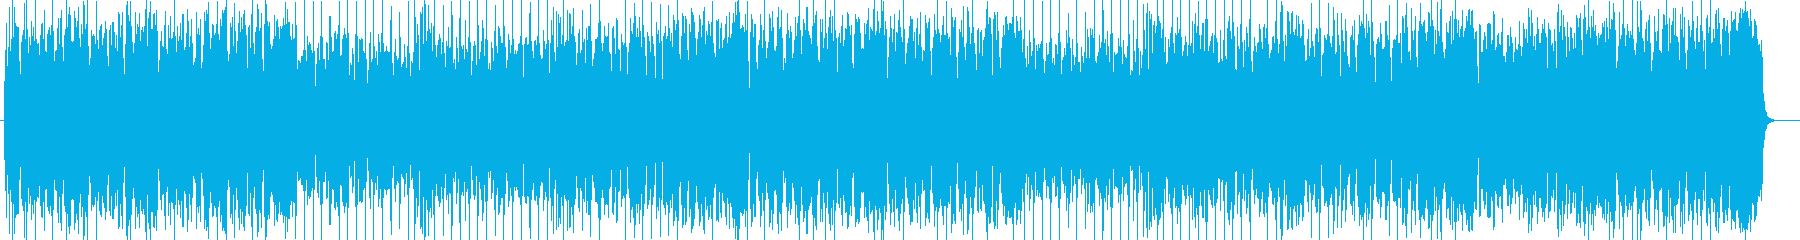 ハネたミドルテンポの爽やかBGMの再生済みの波形